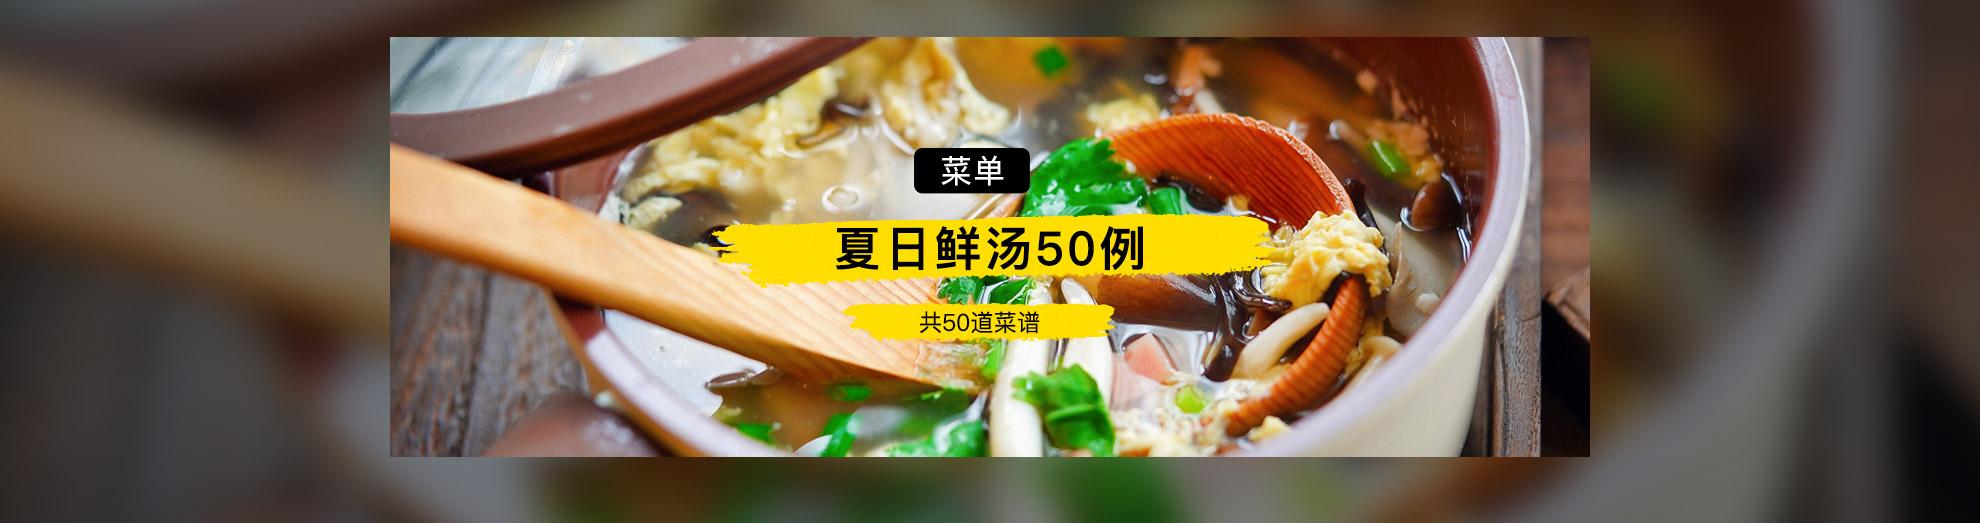 夏日鲜汤50例}